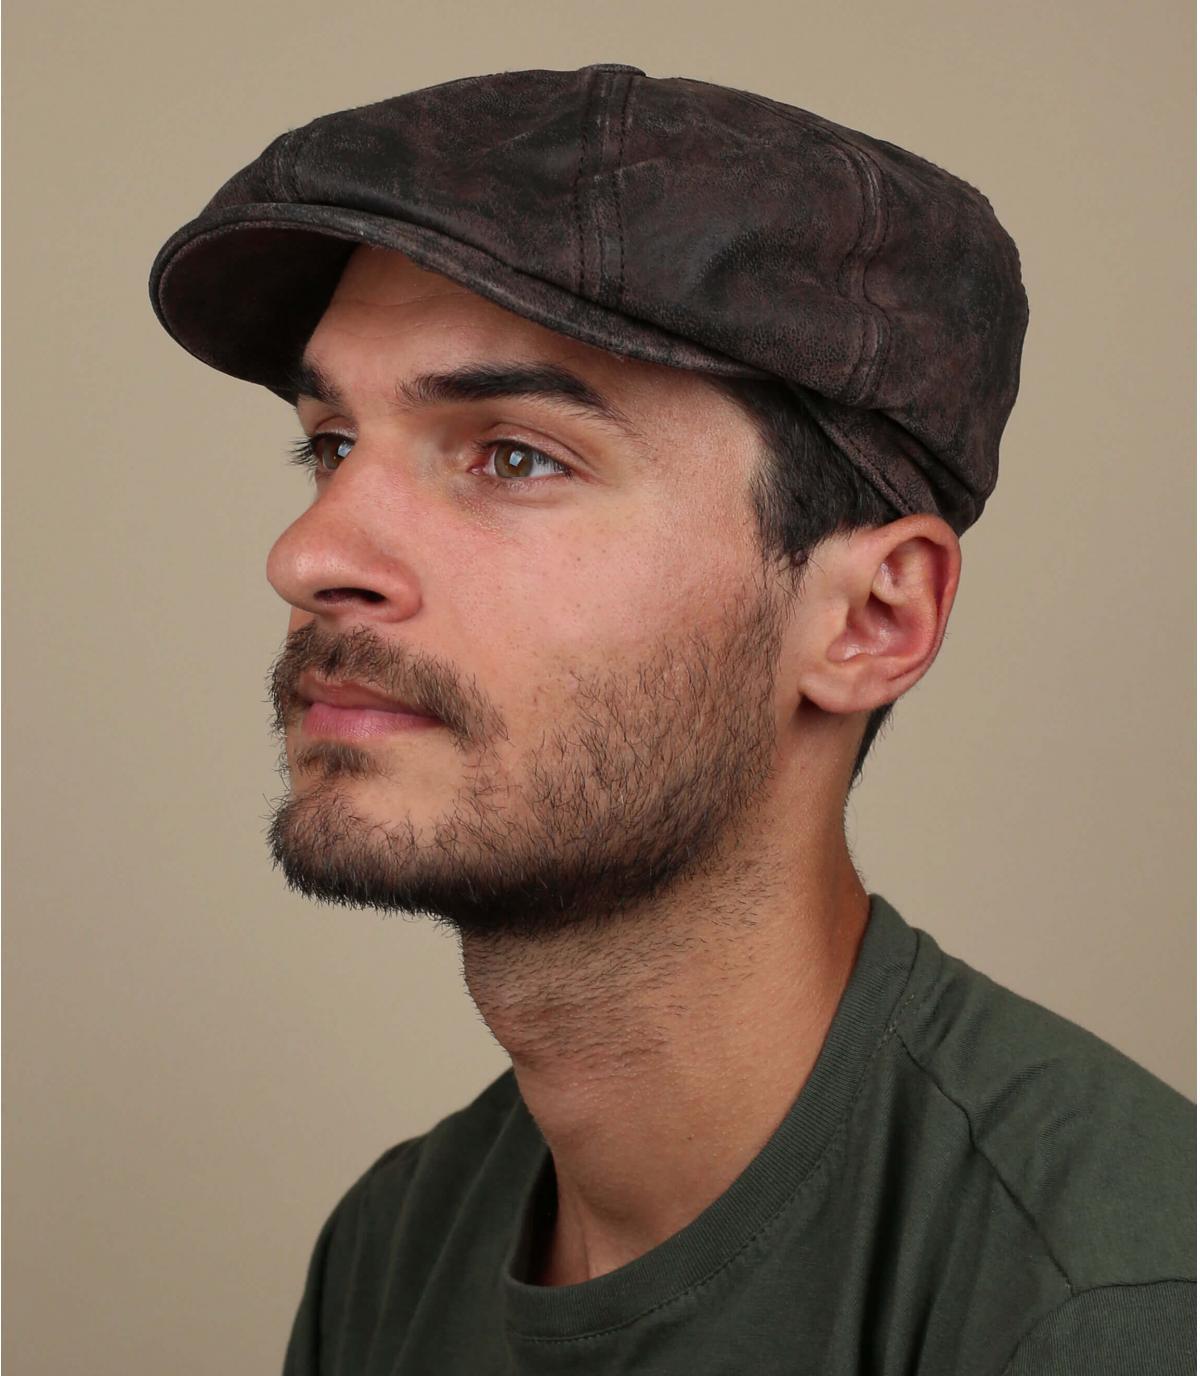 Gorro - Compra venta de Gorros. Primera sombrerería en línea ... 3bd604885b3